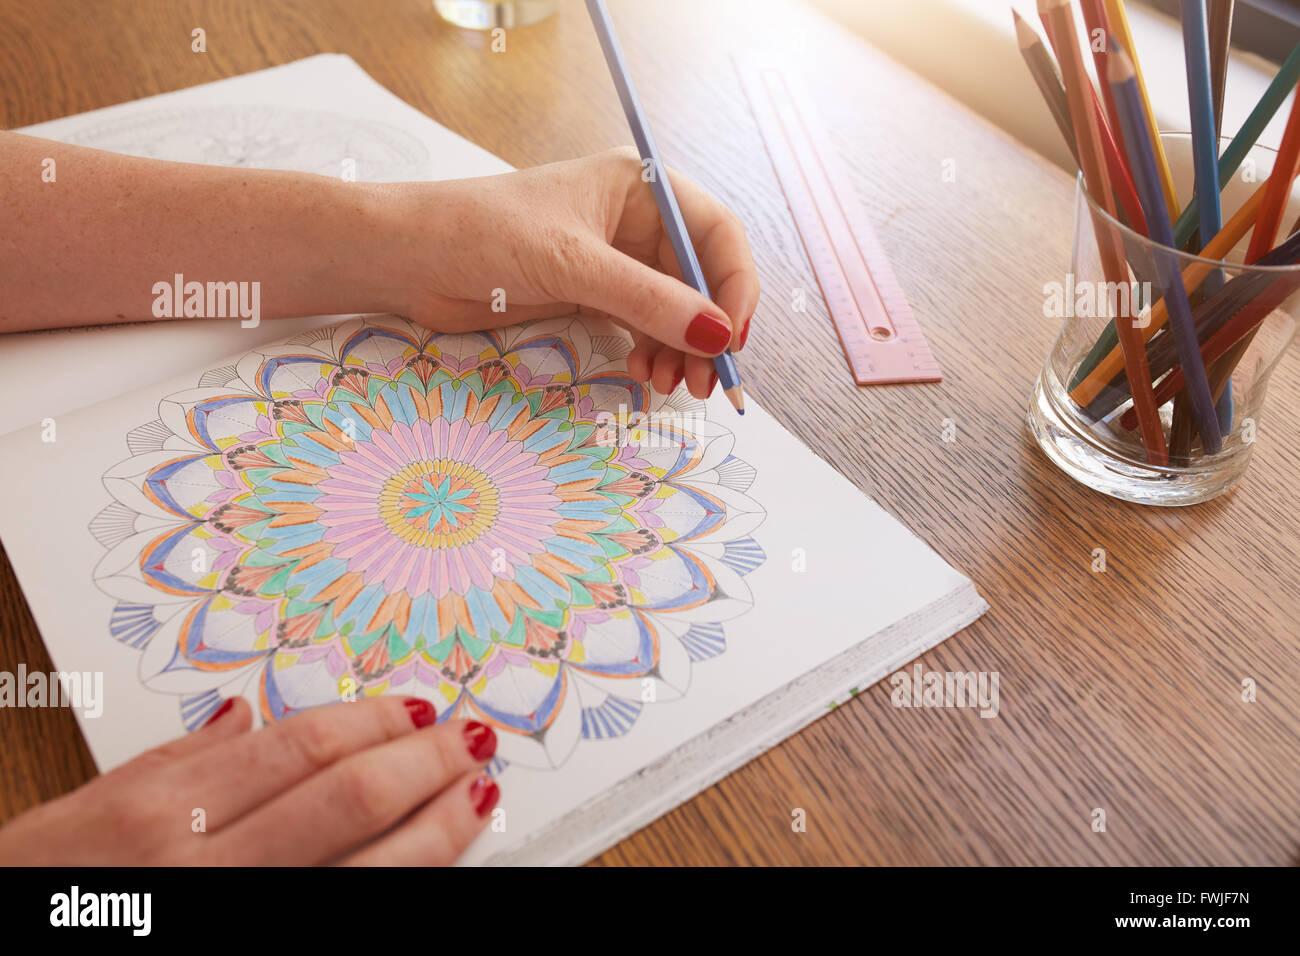 Chiudere l immagine della donna mani disegno in pazienti adulti libro da colorare su un tavolo a casa. Immagini Stock